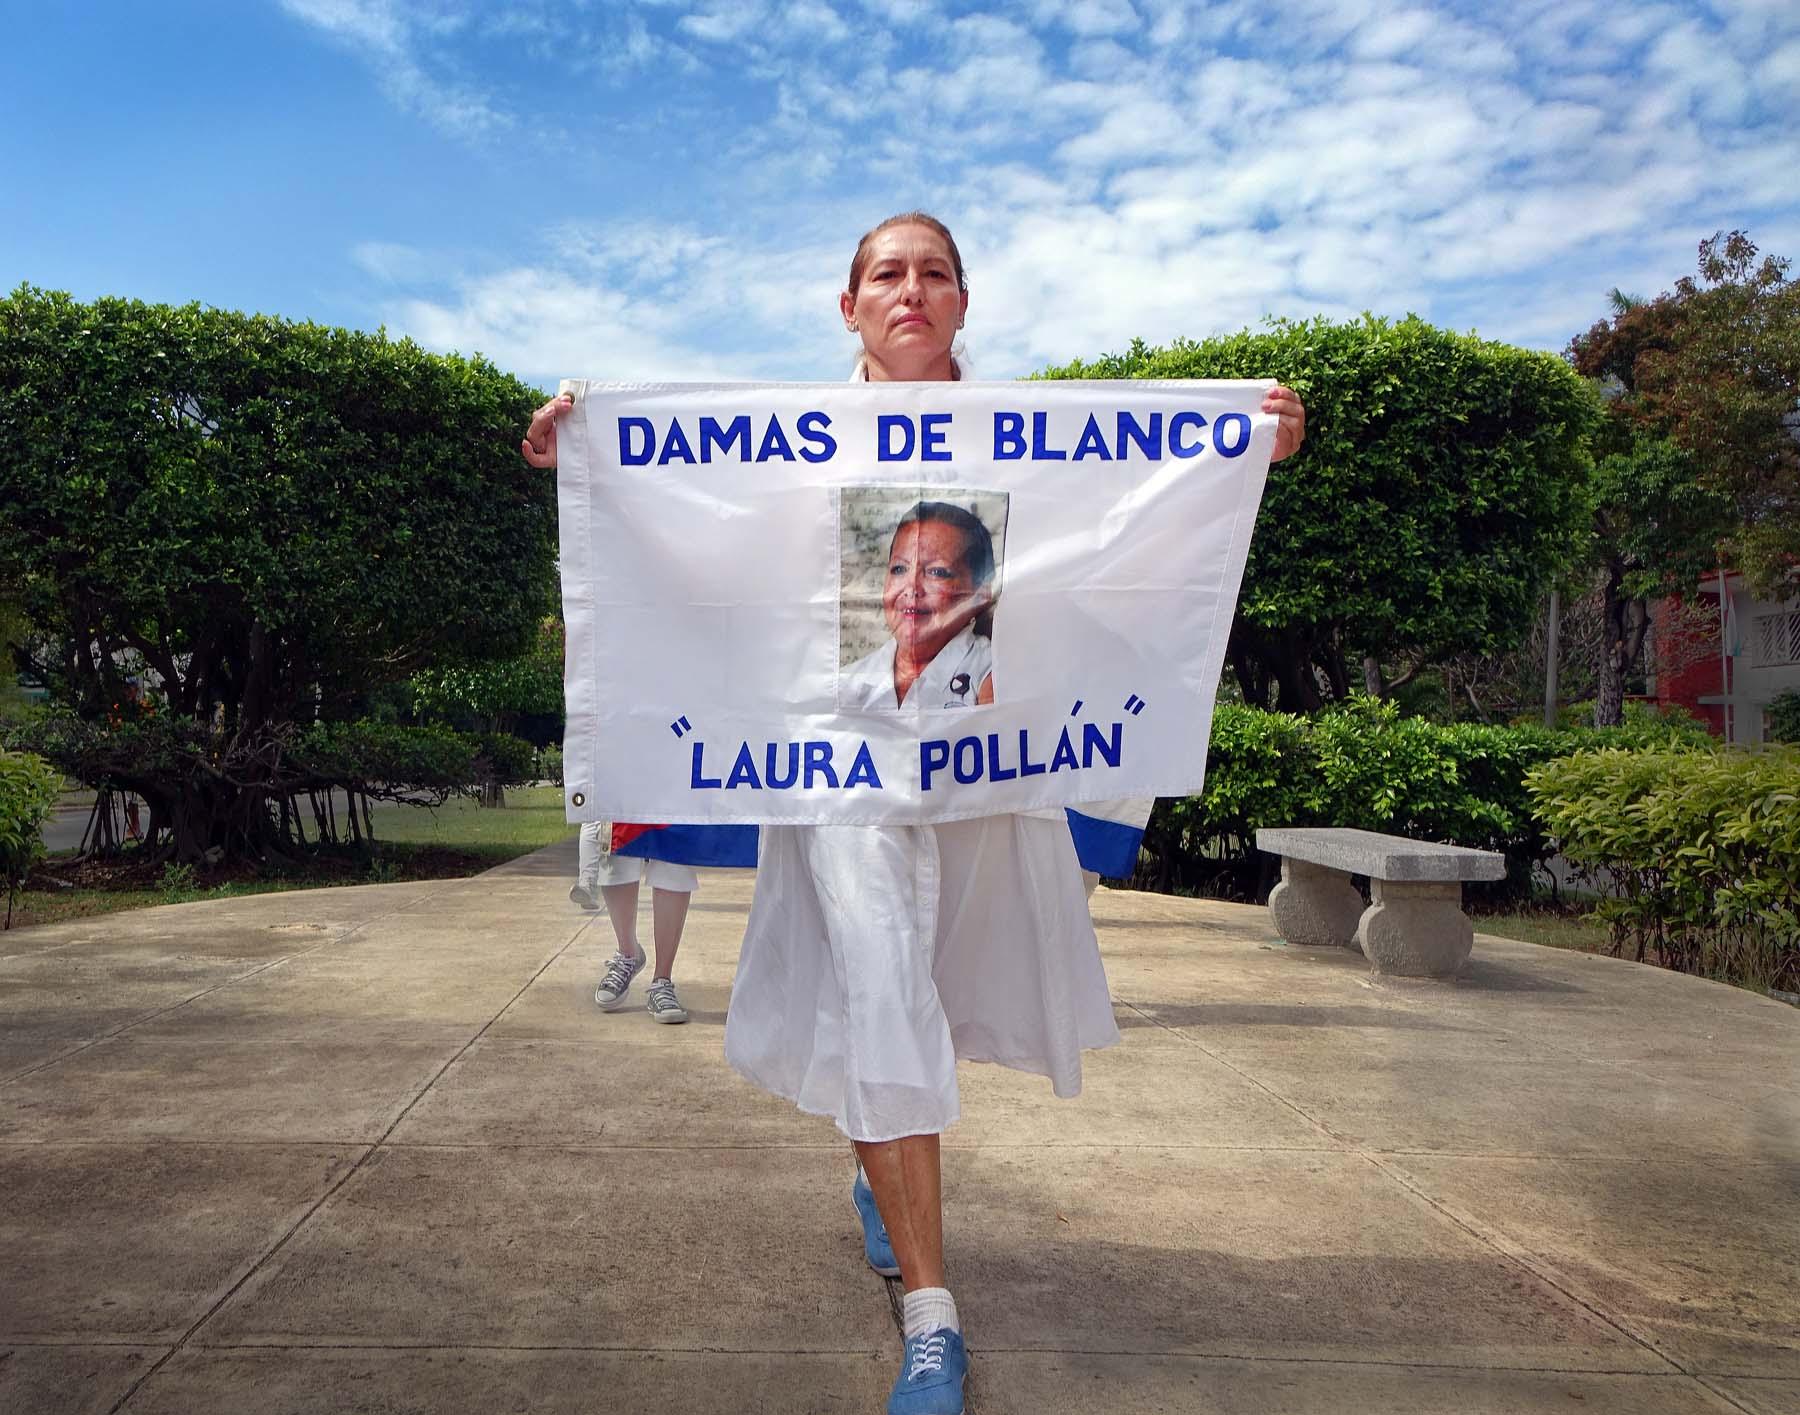 """En las propias palabras de una fotógrafa: """"Tengo un sueño: Las Damas de Blanco"""""""